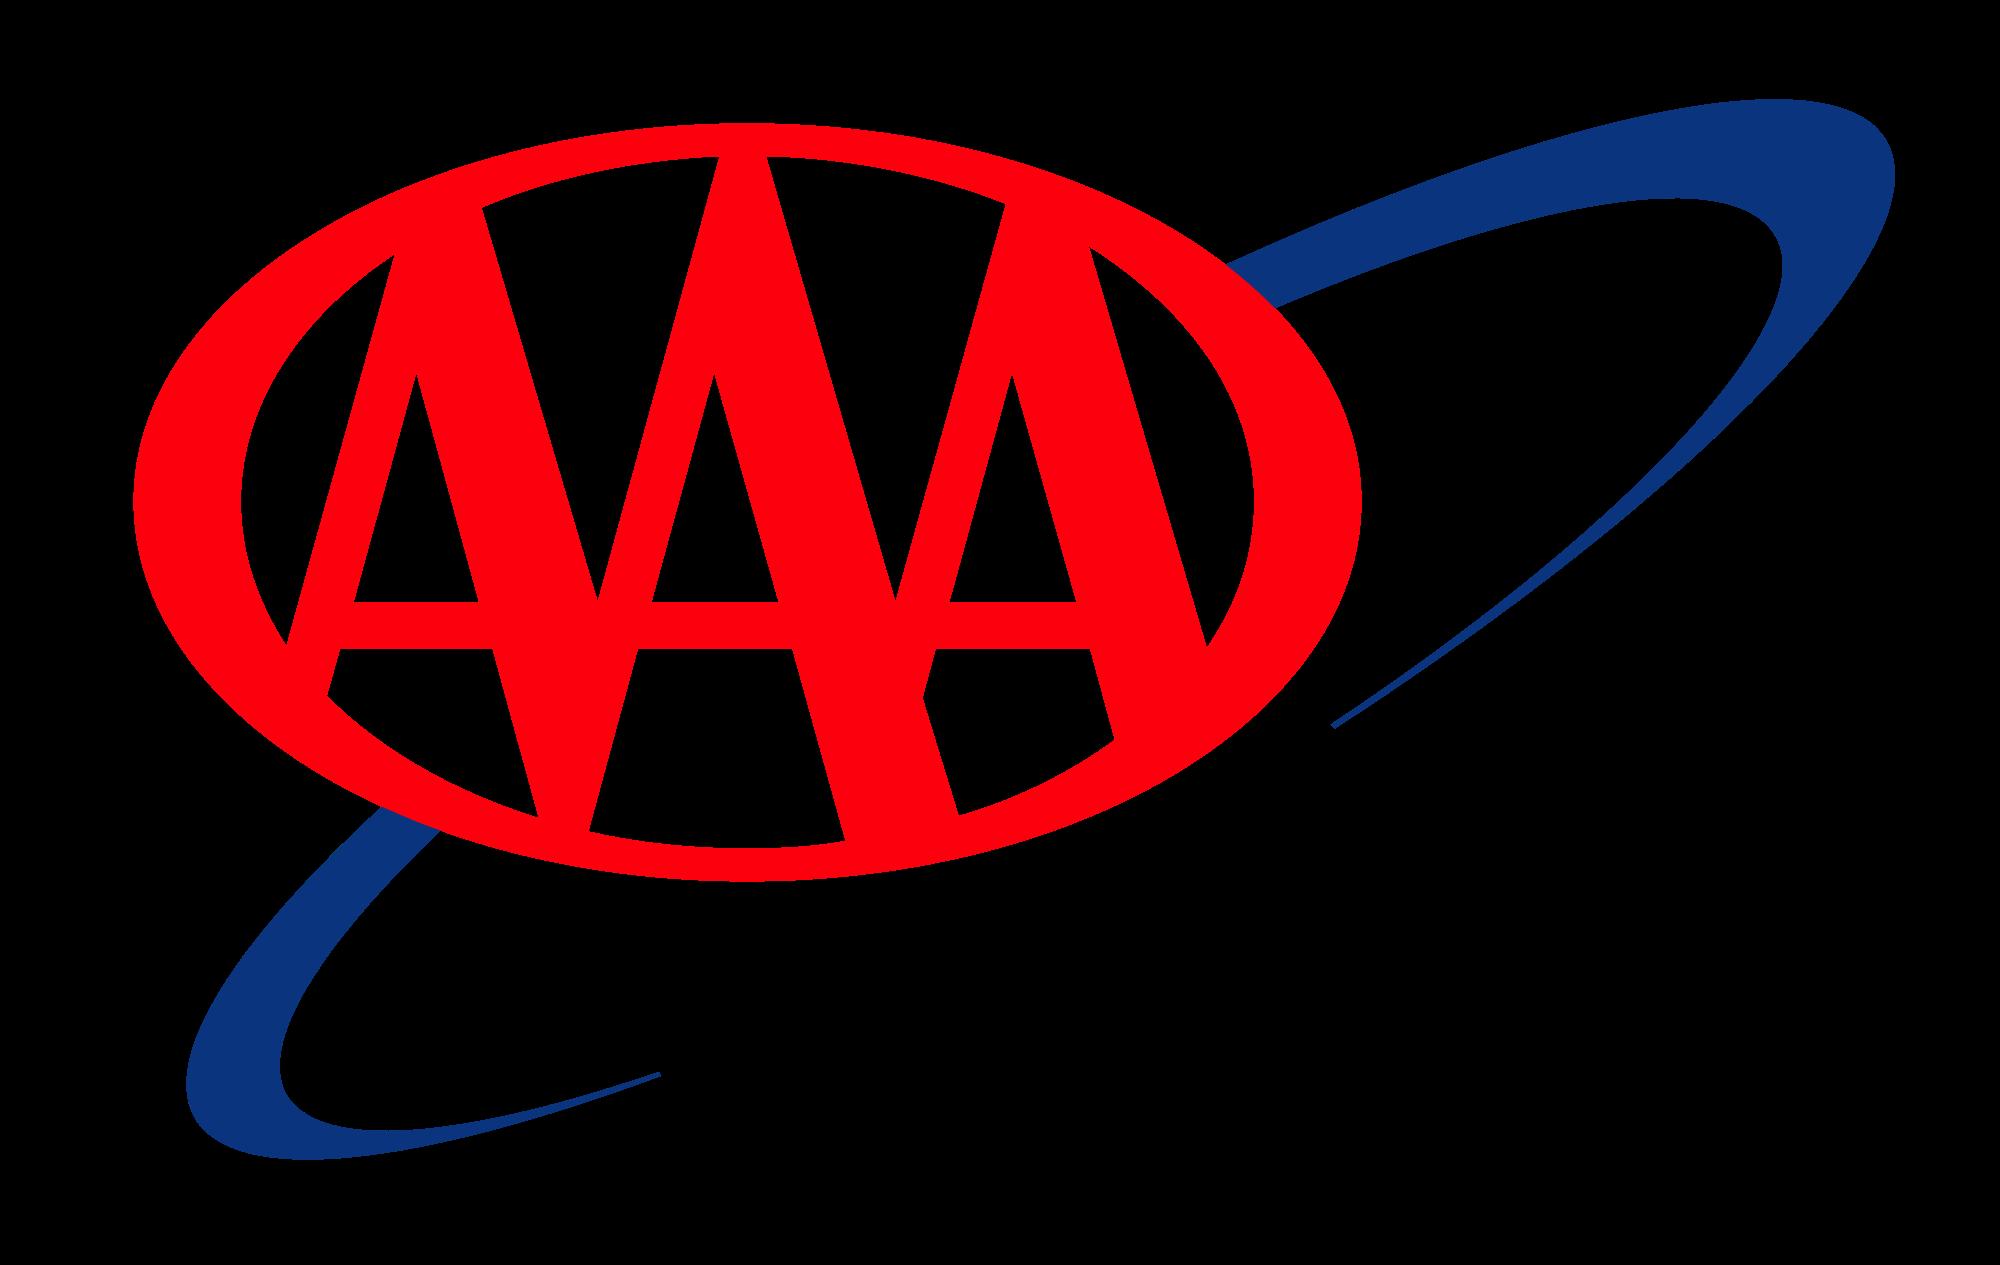 www.aaa.com